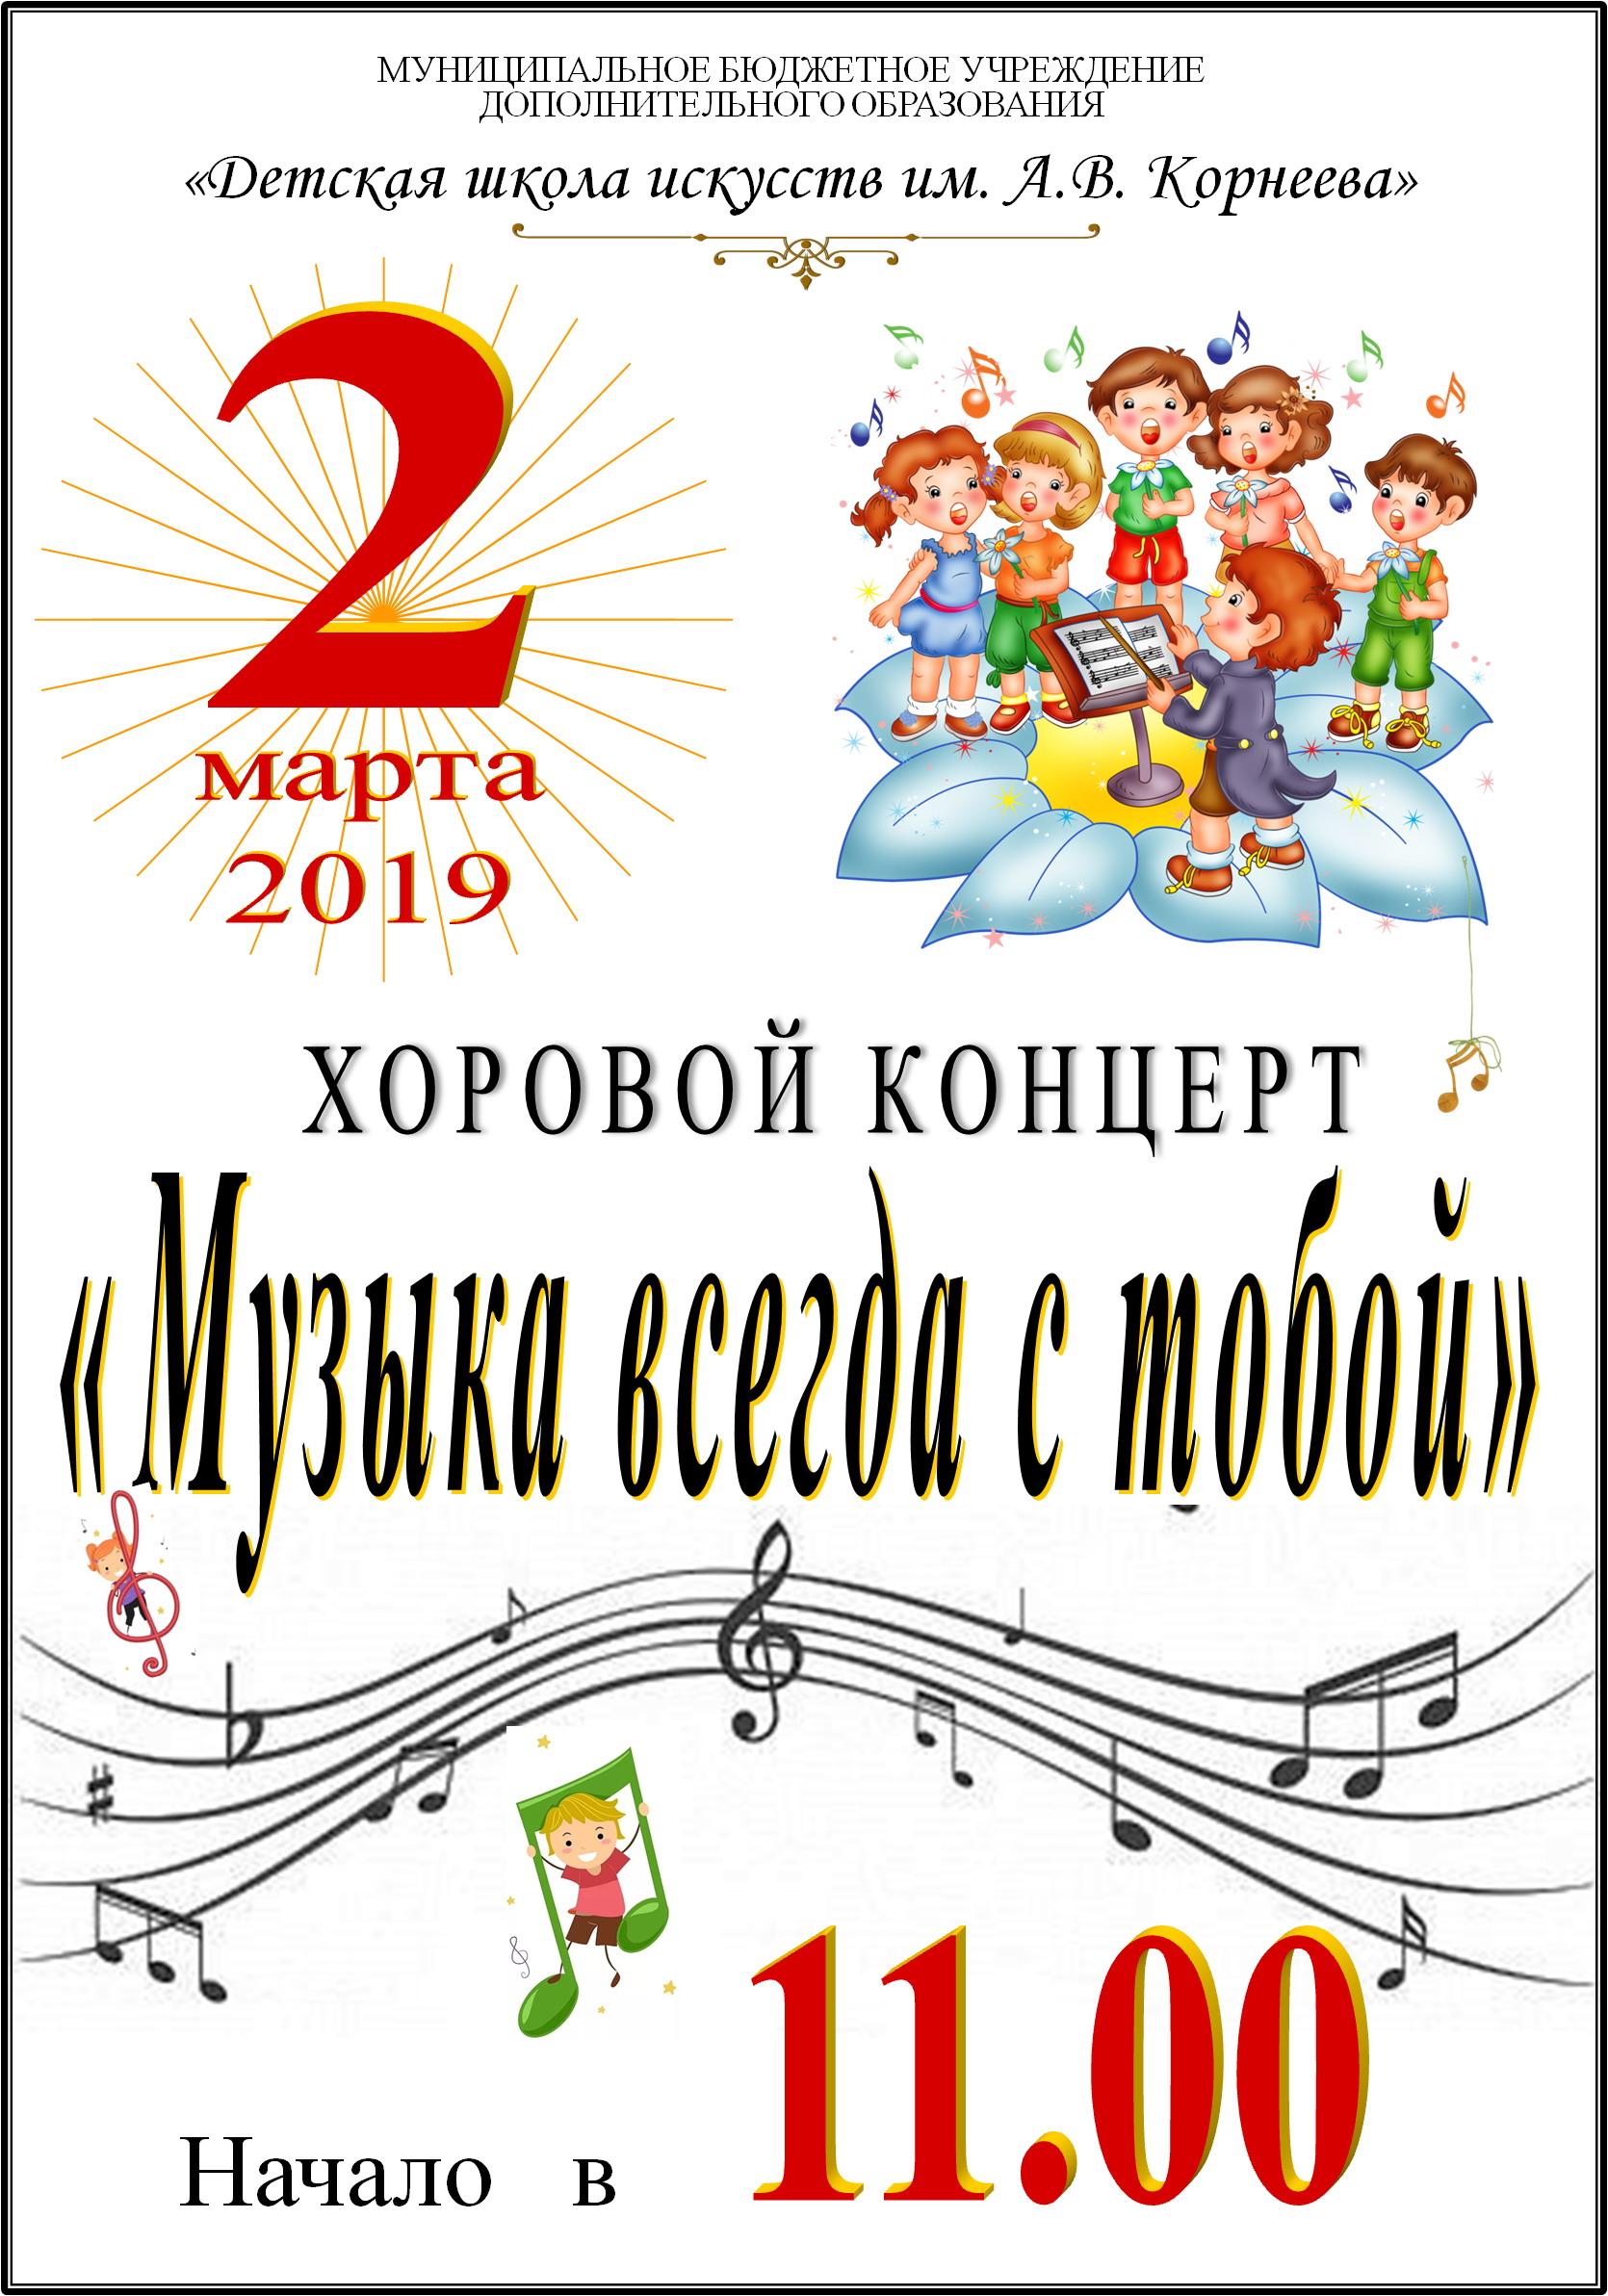 02.03.19 Хоровой концерт